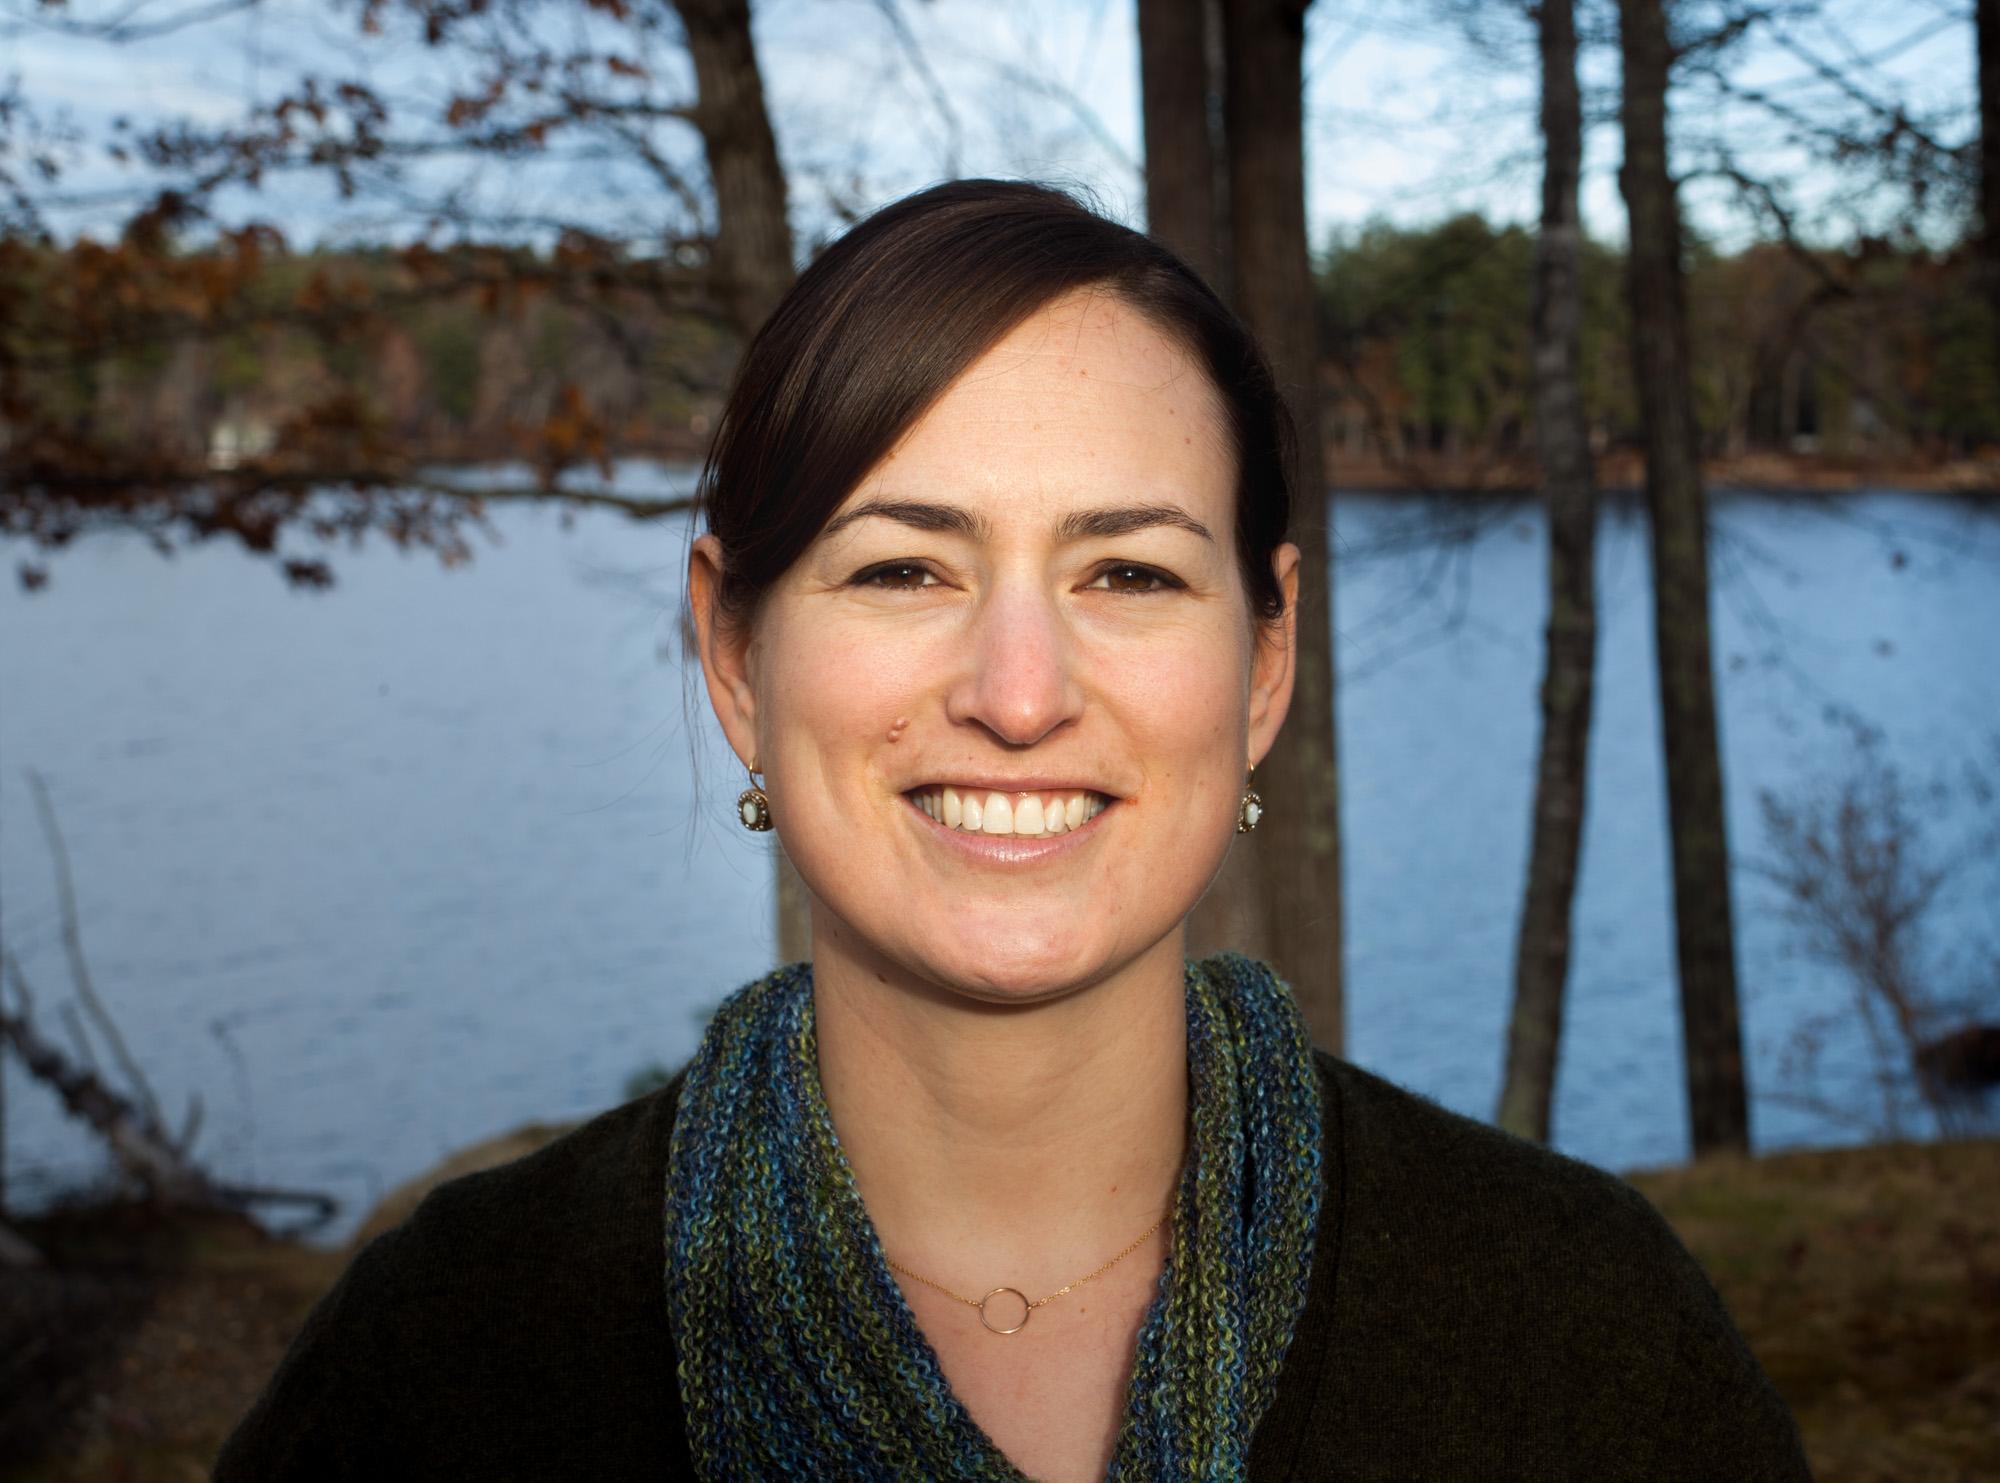 Sarah.Perle.Headshot.jpg